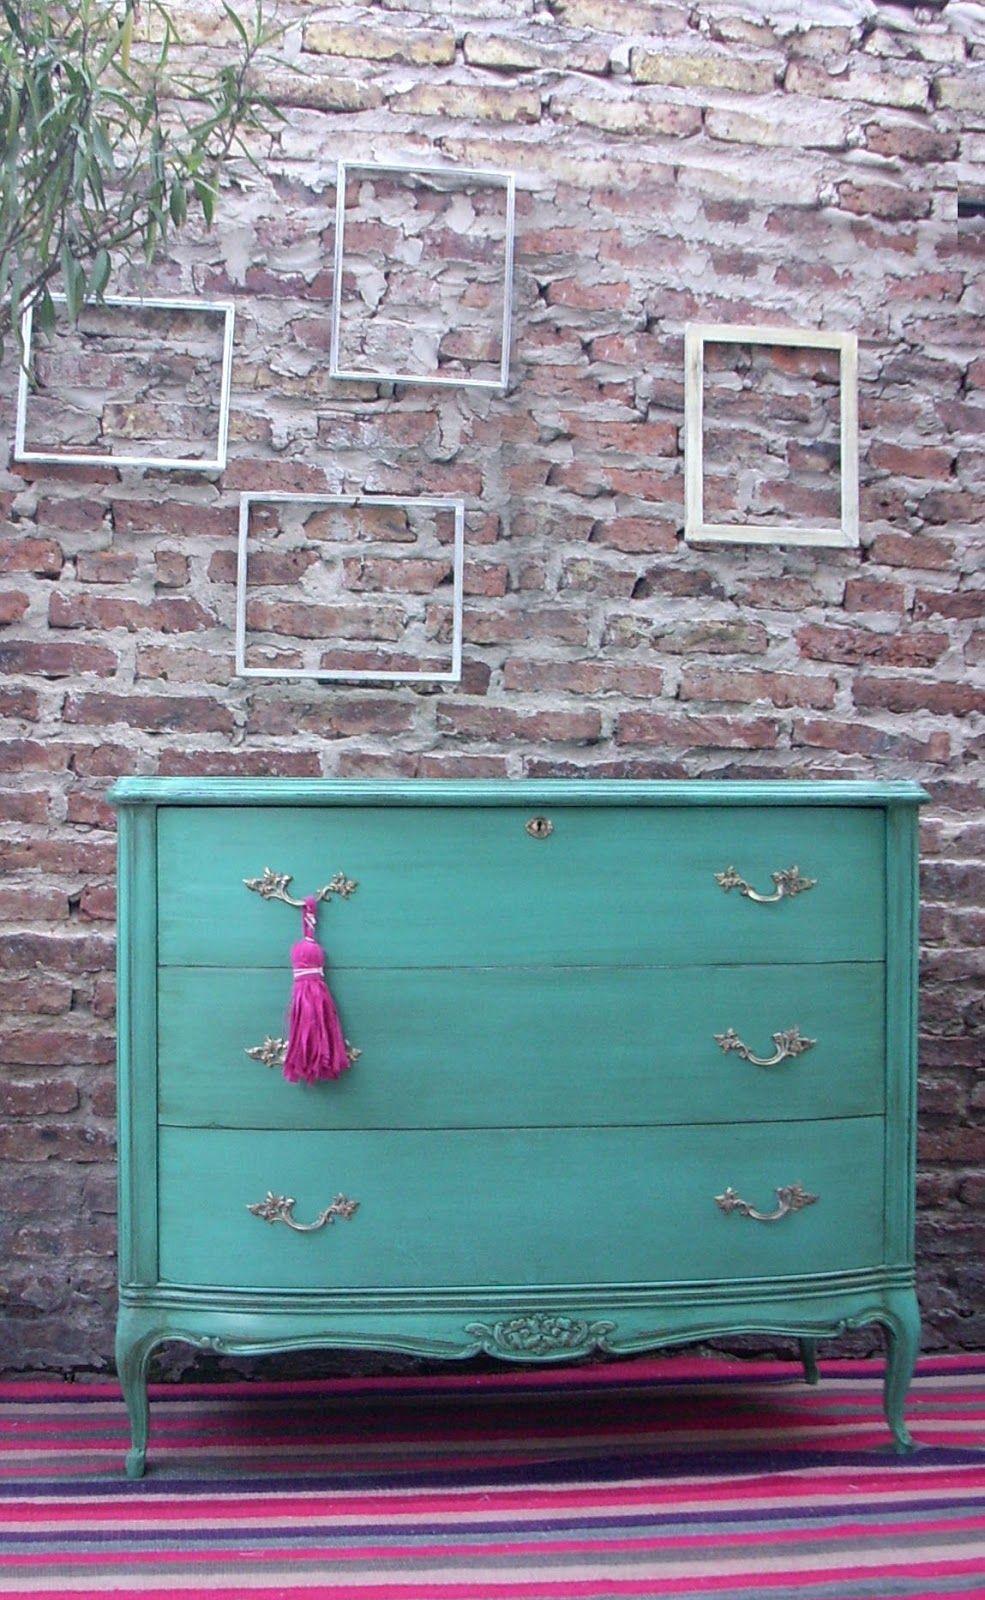 Mueble luis xv patinado decoracion pinterest chalk paint - Muebles luis xv ...